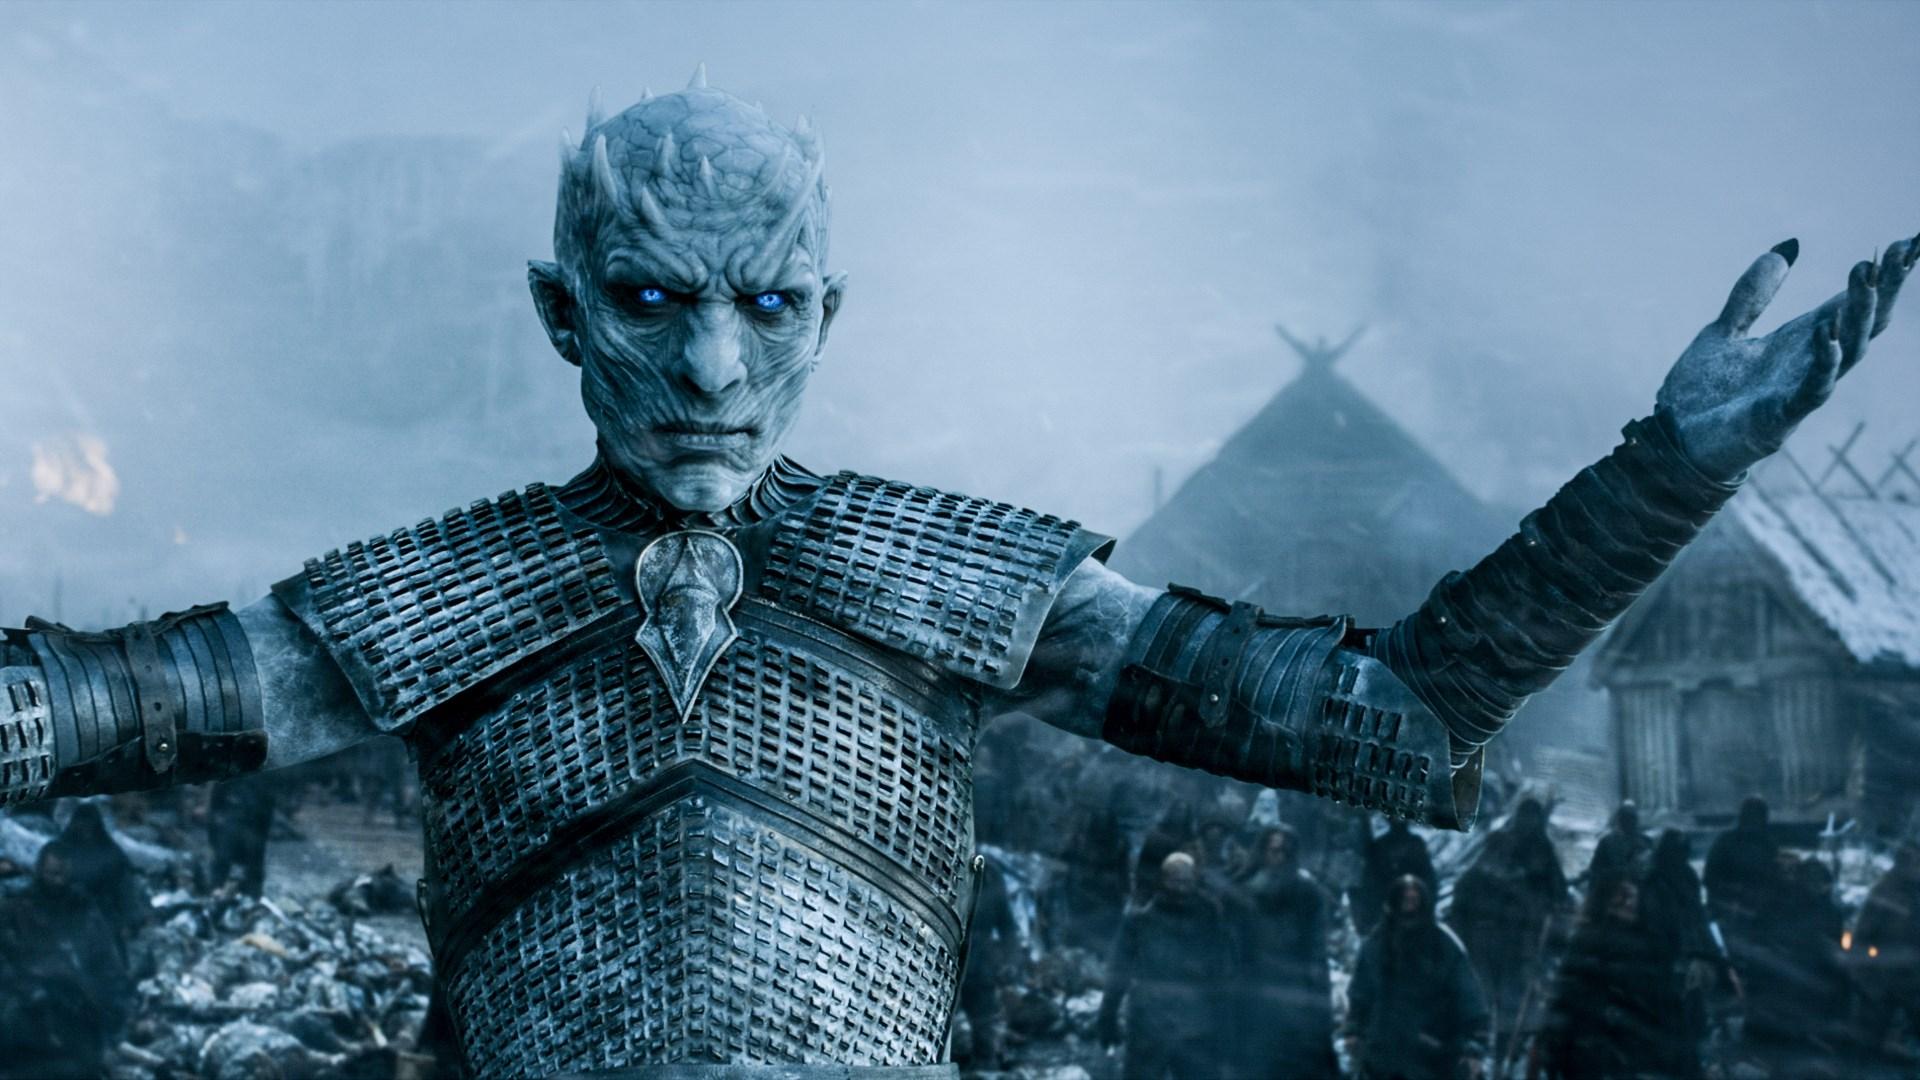 Thrones Desktop Wallpaper Hd Wallpapers - Rei Da Noite Game Of Thrones , HD Wallpaper & Backgrounds